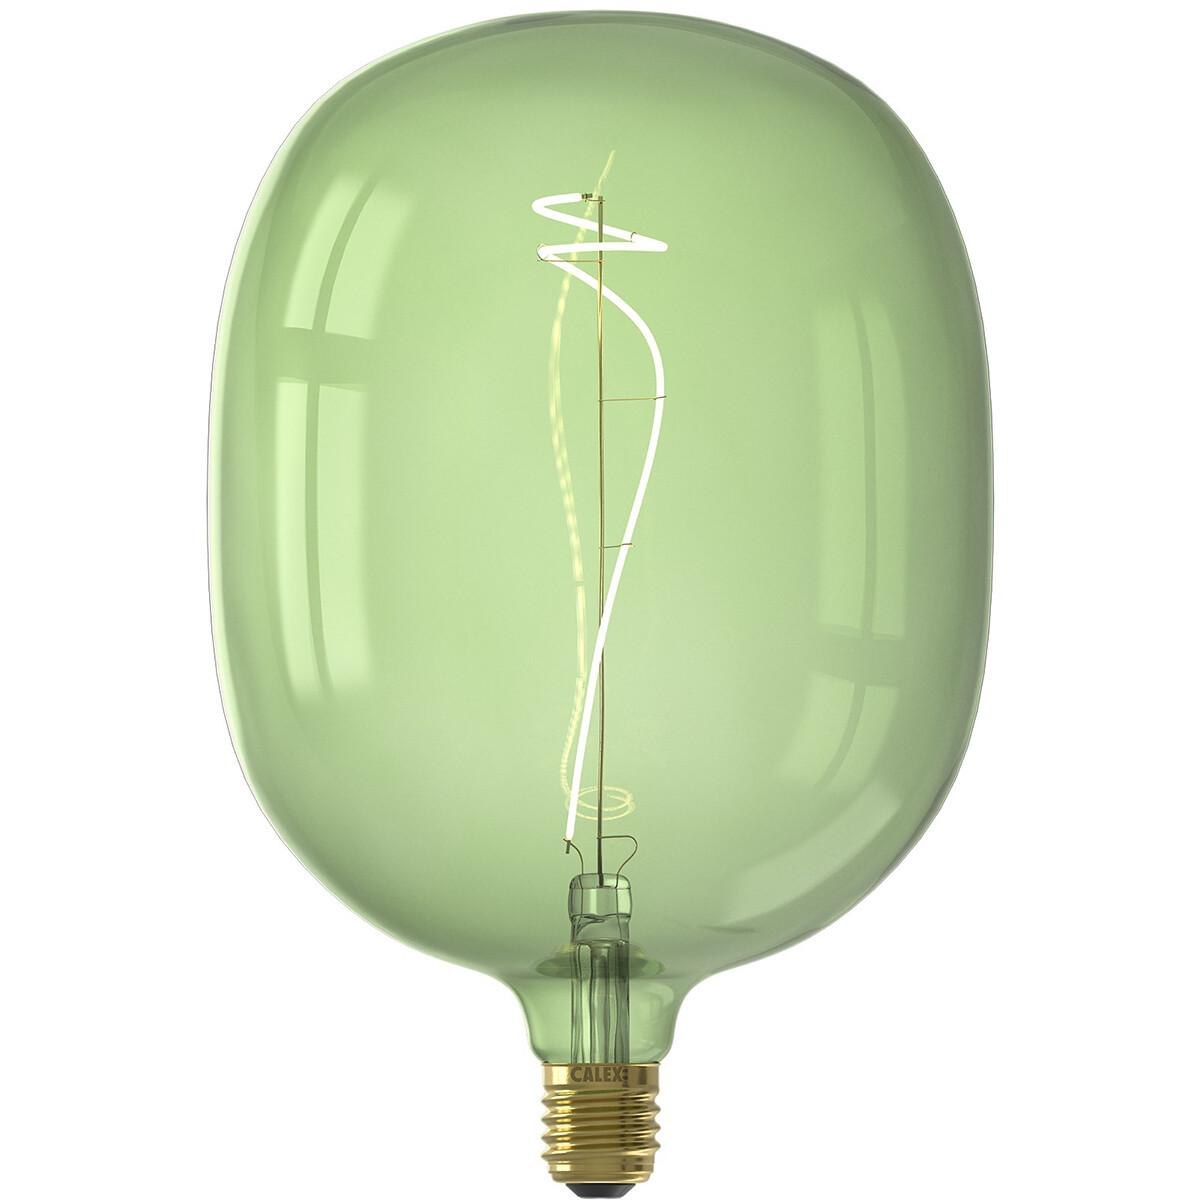 Calex AVESTA LED giant E27 4W groen dimbaar